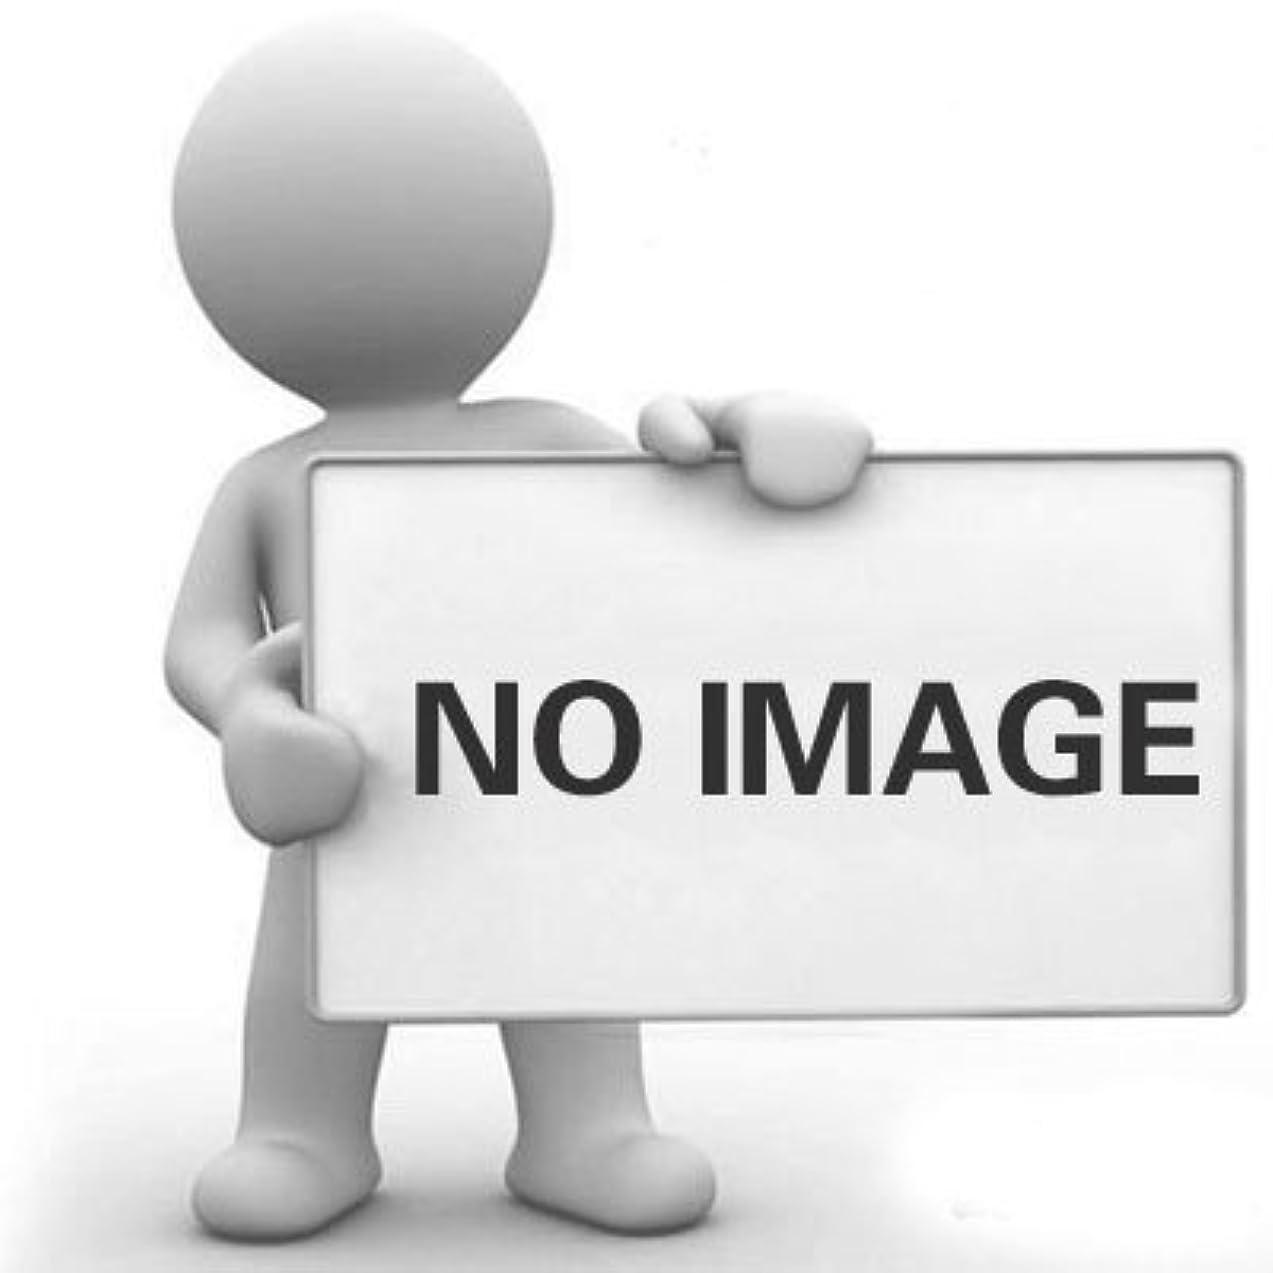 信条雑草遵守するT TOOYFUL ヘアケア ヘアブラシ 櫛 ?エッジコントロールブラシ ダブルサイド プロ サロン 自宅用 全3色 - 紫 6本